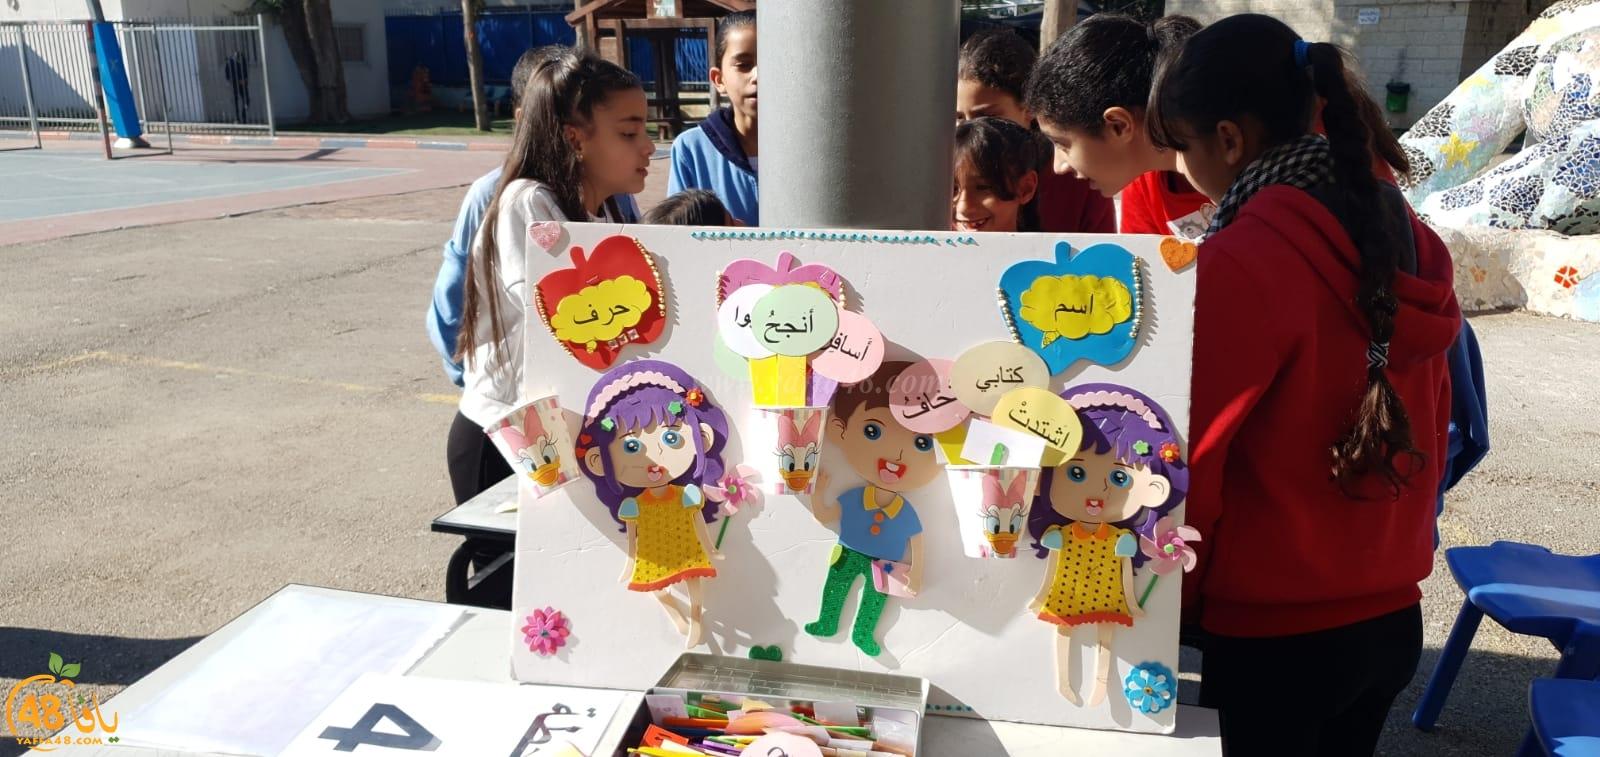 فيديو: مدرسة الراشدية في اللد تحتفل بيوم اللغة العربية